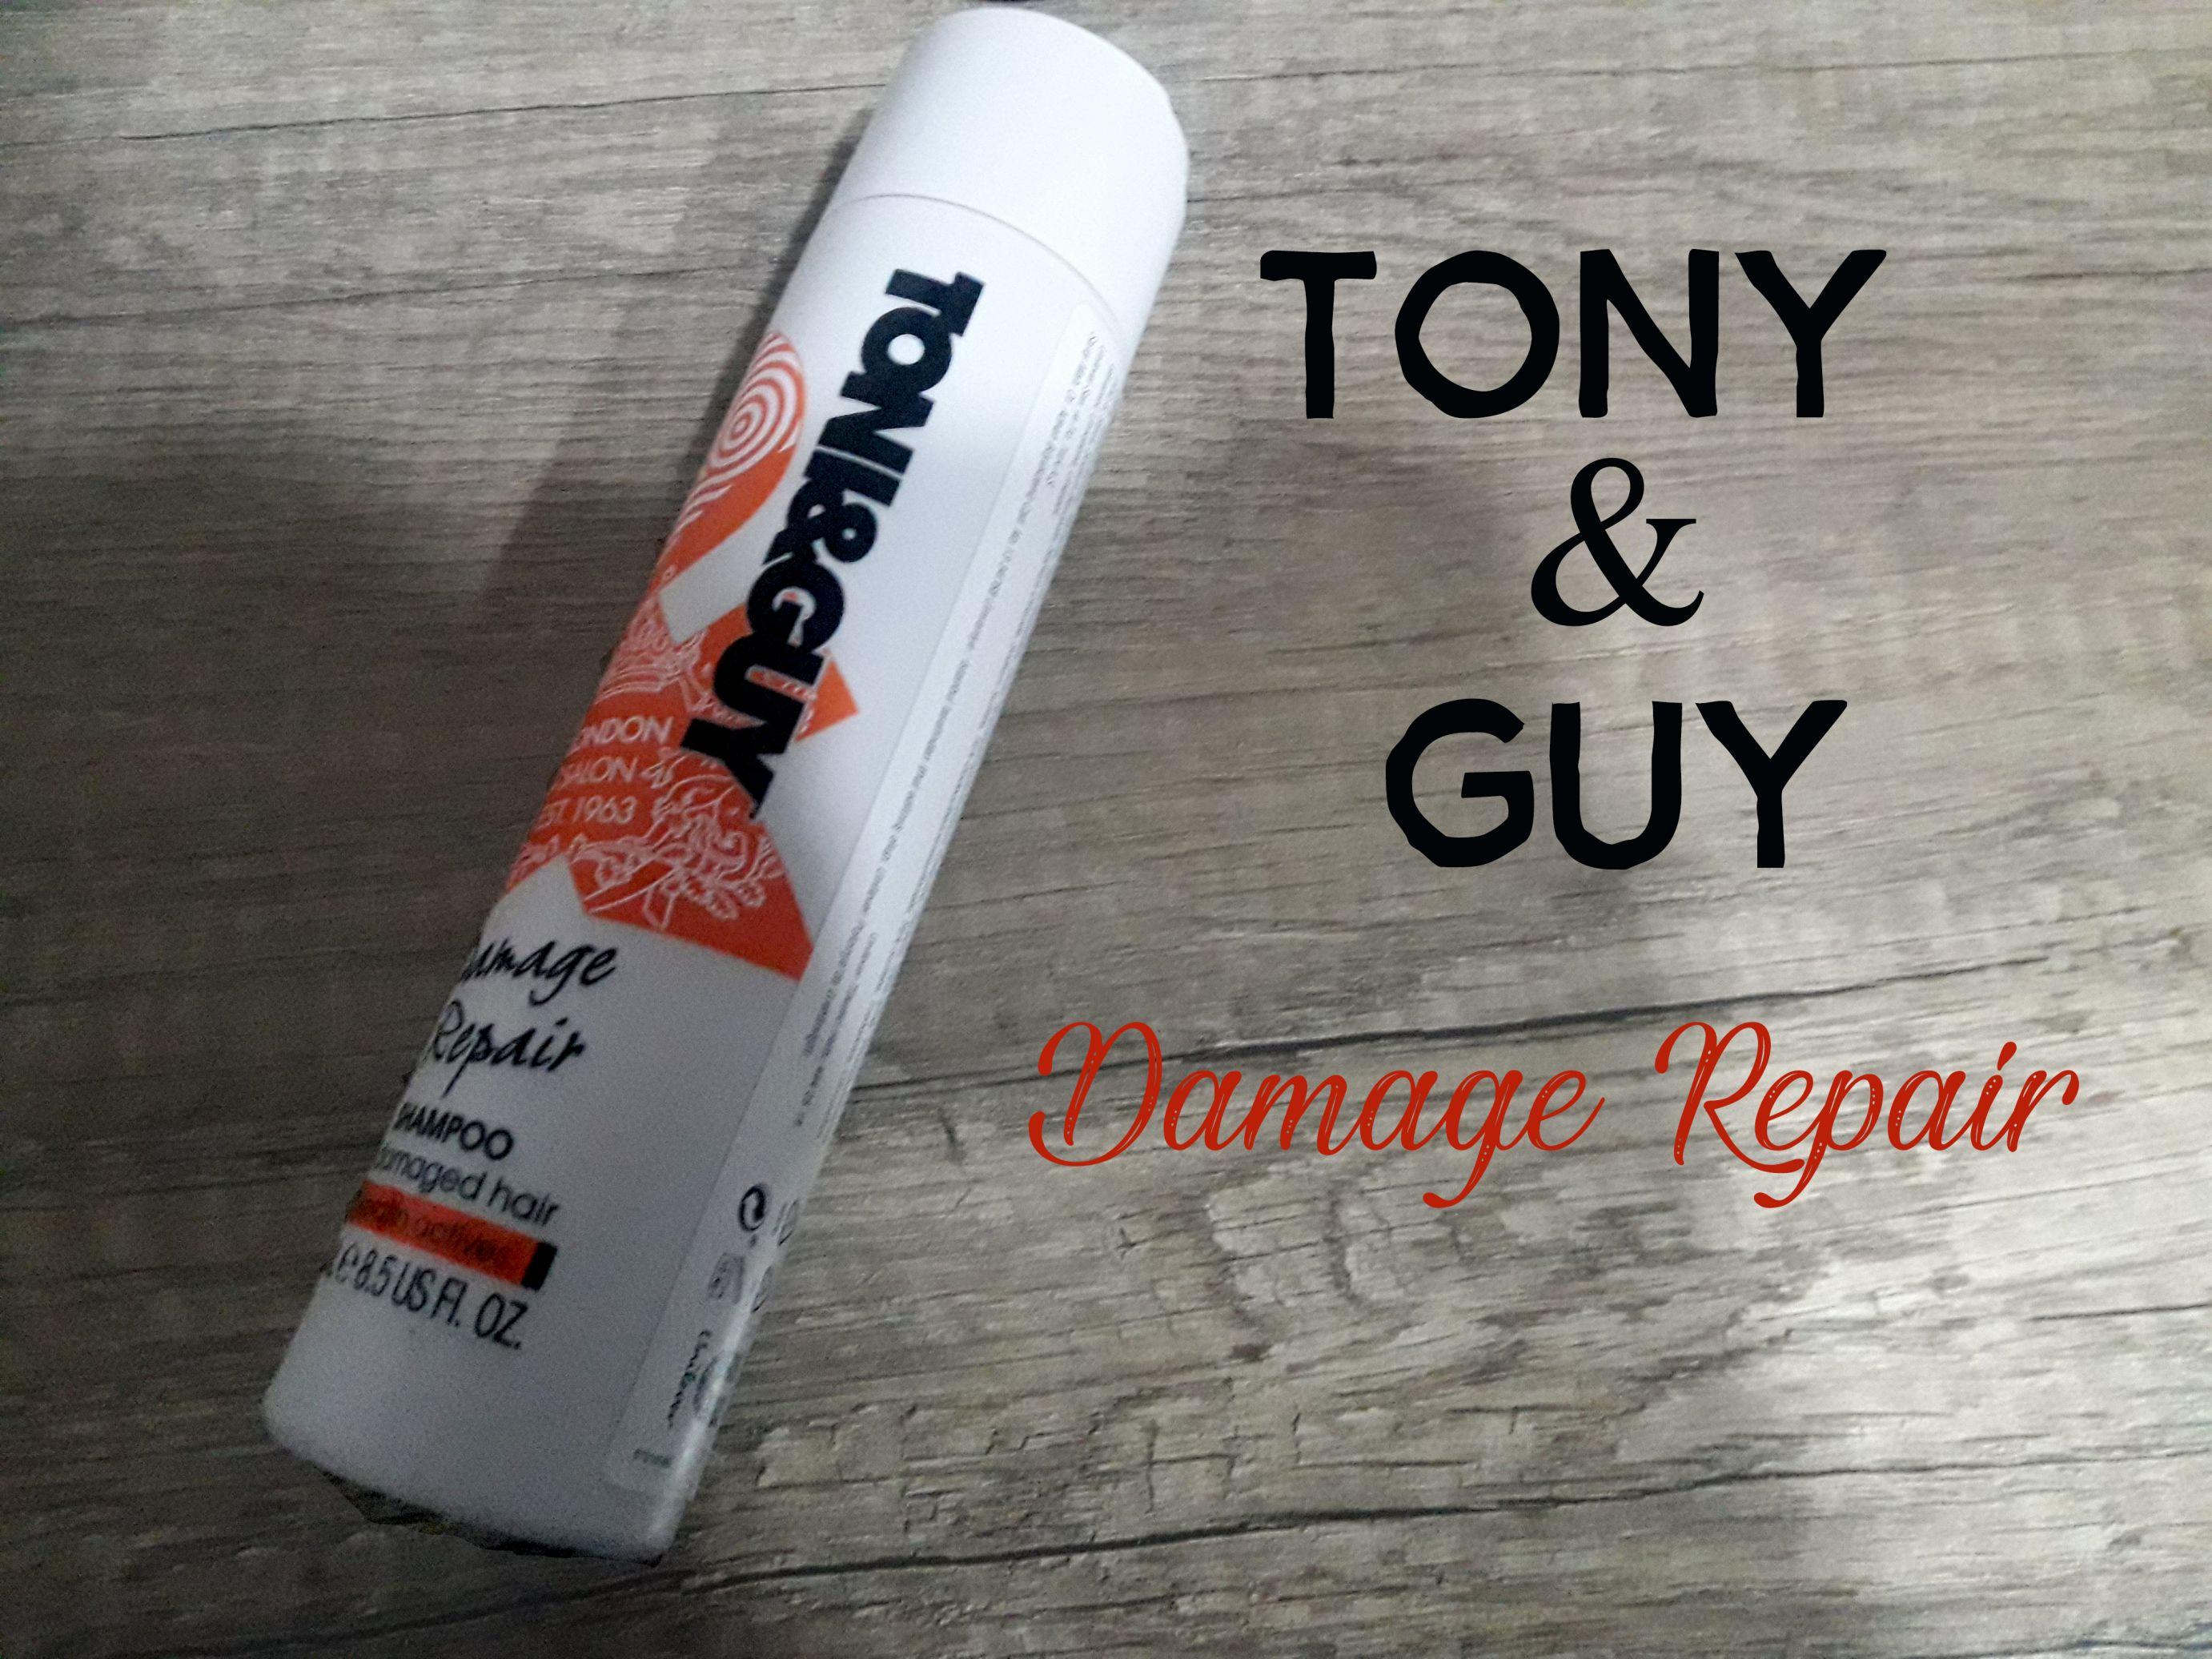 Toni&Guy Damage Repair Şampuan Kullanıcı Yorumları